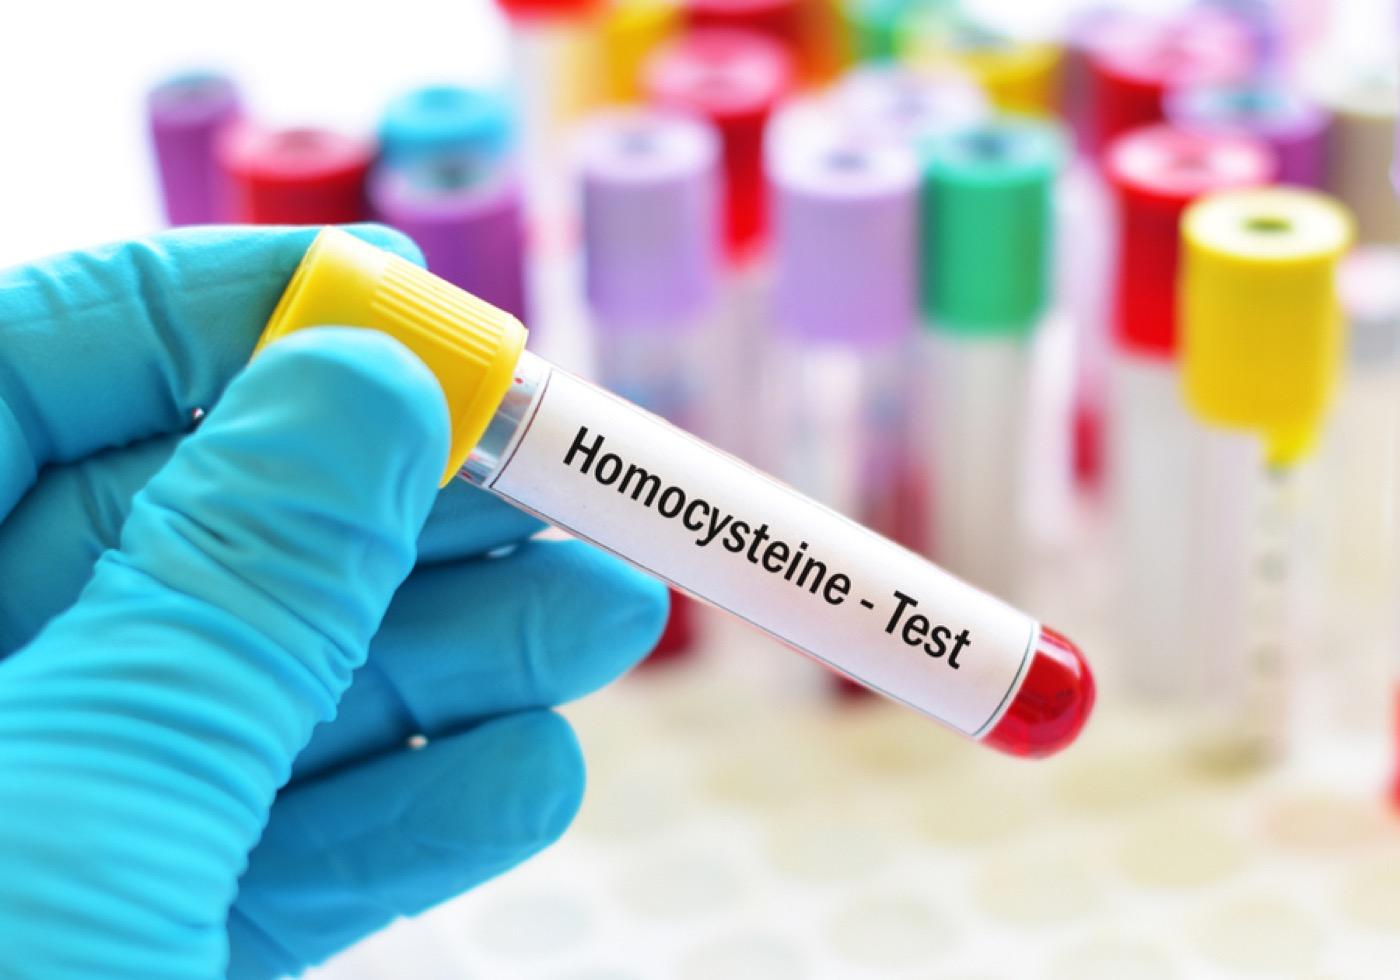 Είναι η Ομοκυστεΐνη η νέα Χοληστερίνη;